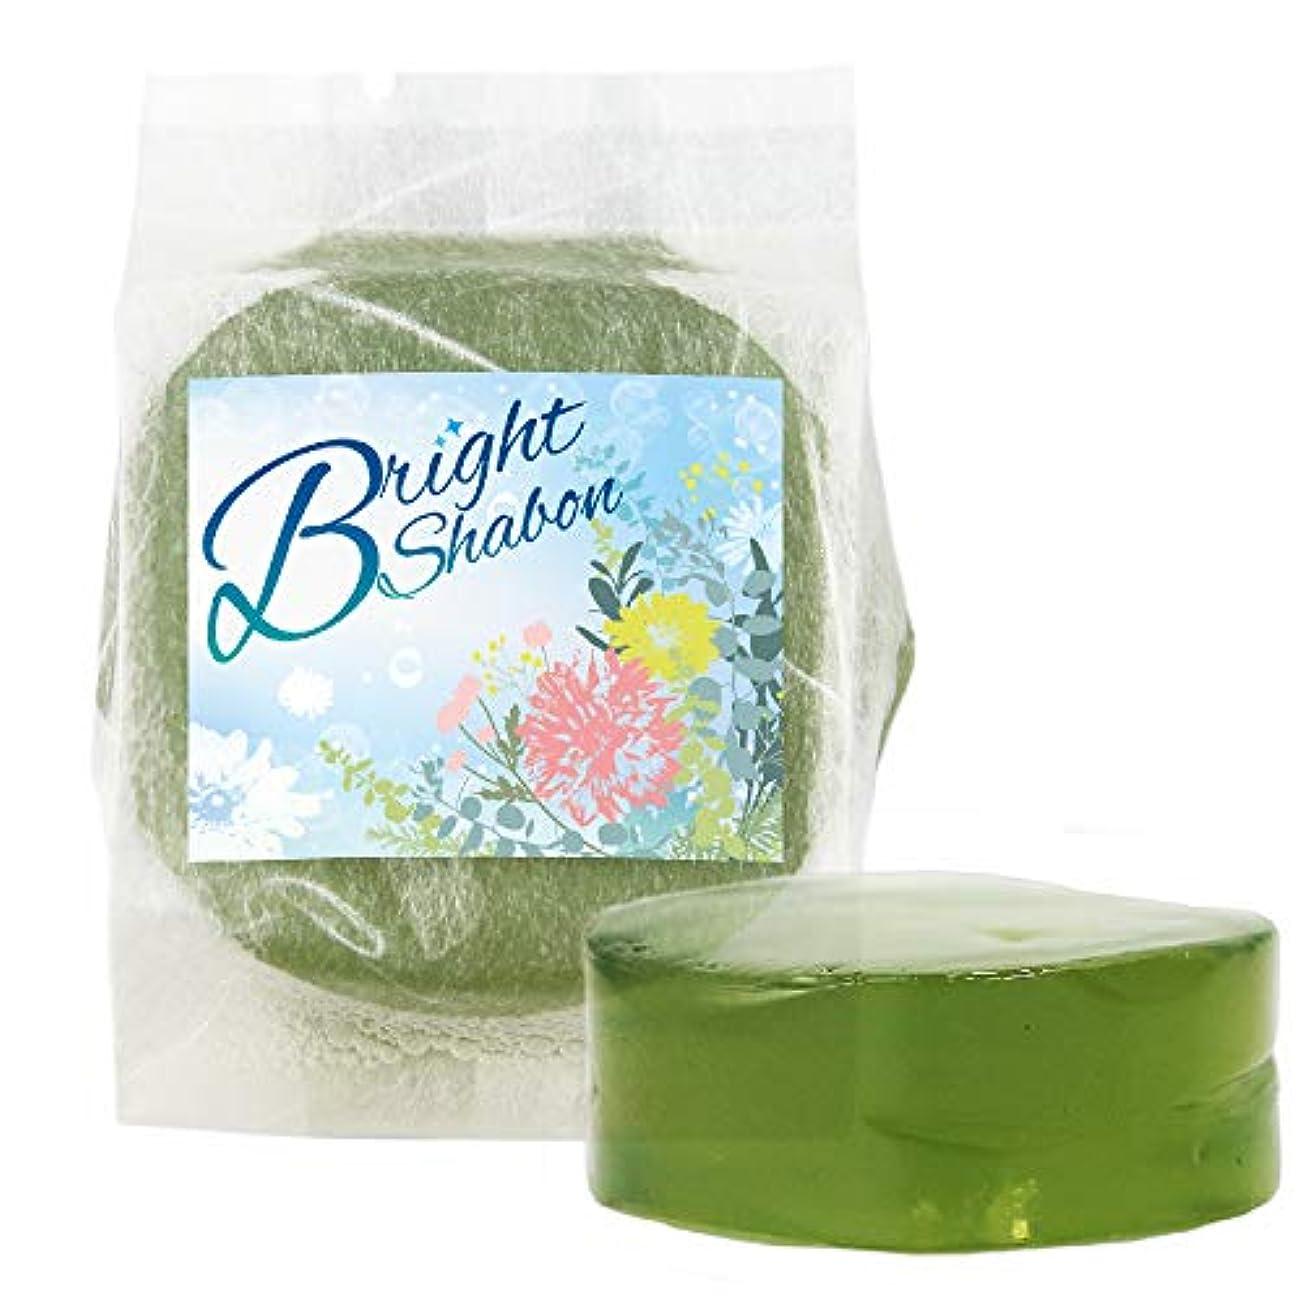 チューインガム予防接種する増強するブライトシャボン Bright Shabon 洗顔料 ぷるぷる石鹸 石けん